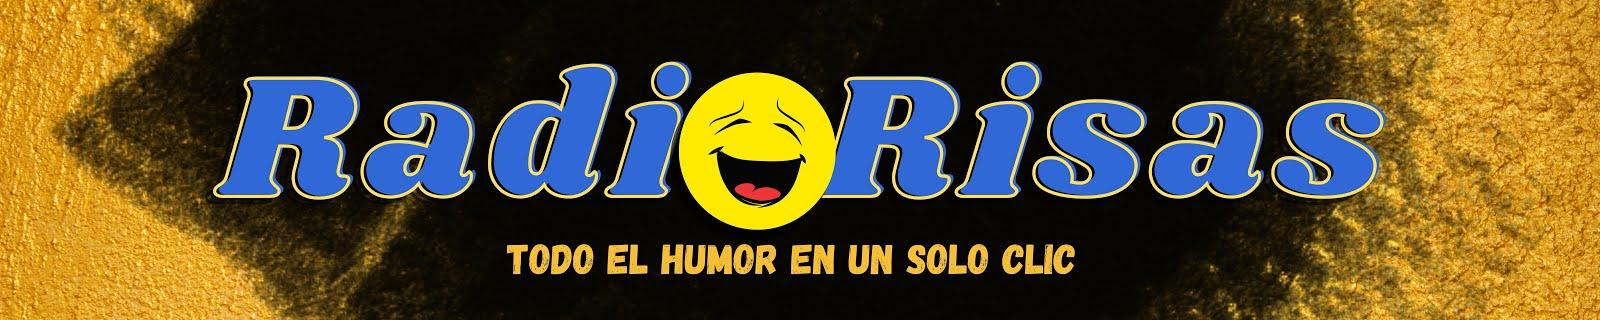 Emisora de Humor